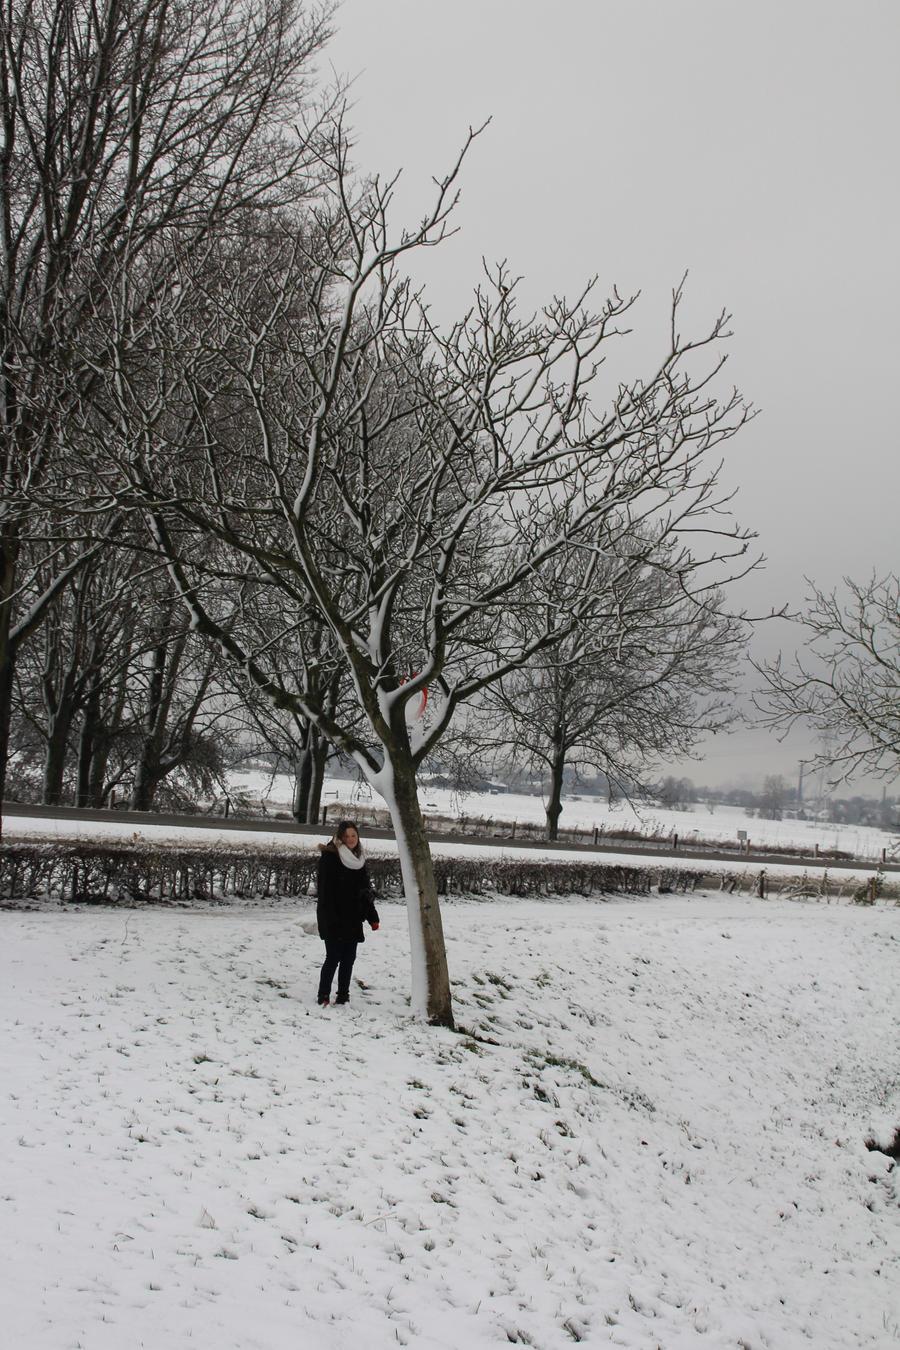 12-12-07 Winter Wonderland 13 by Herdervriend